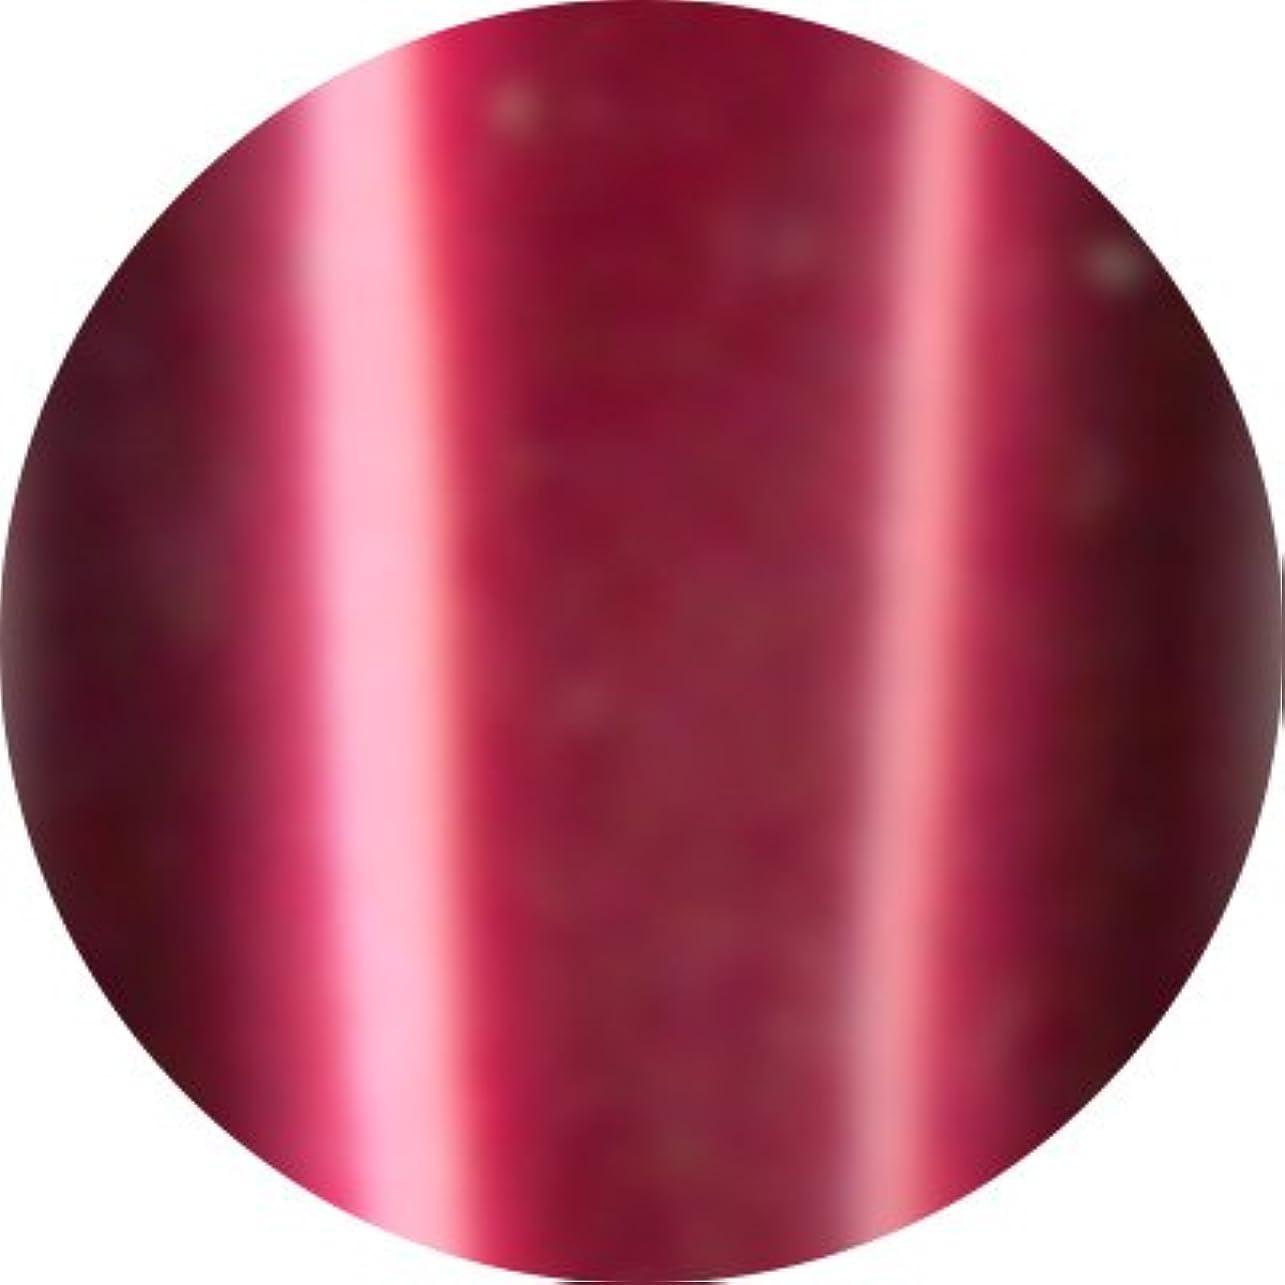 呪われたシェル赤道Jewelry jel(ジュエリージェル) カラージェル 5ml<BR>メタリック MT019